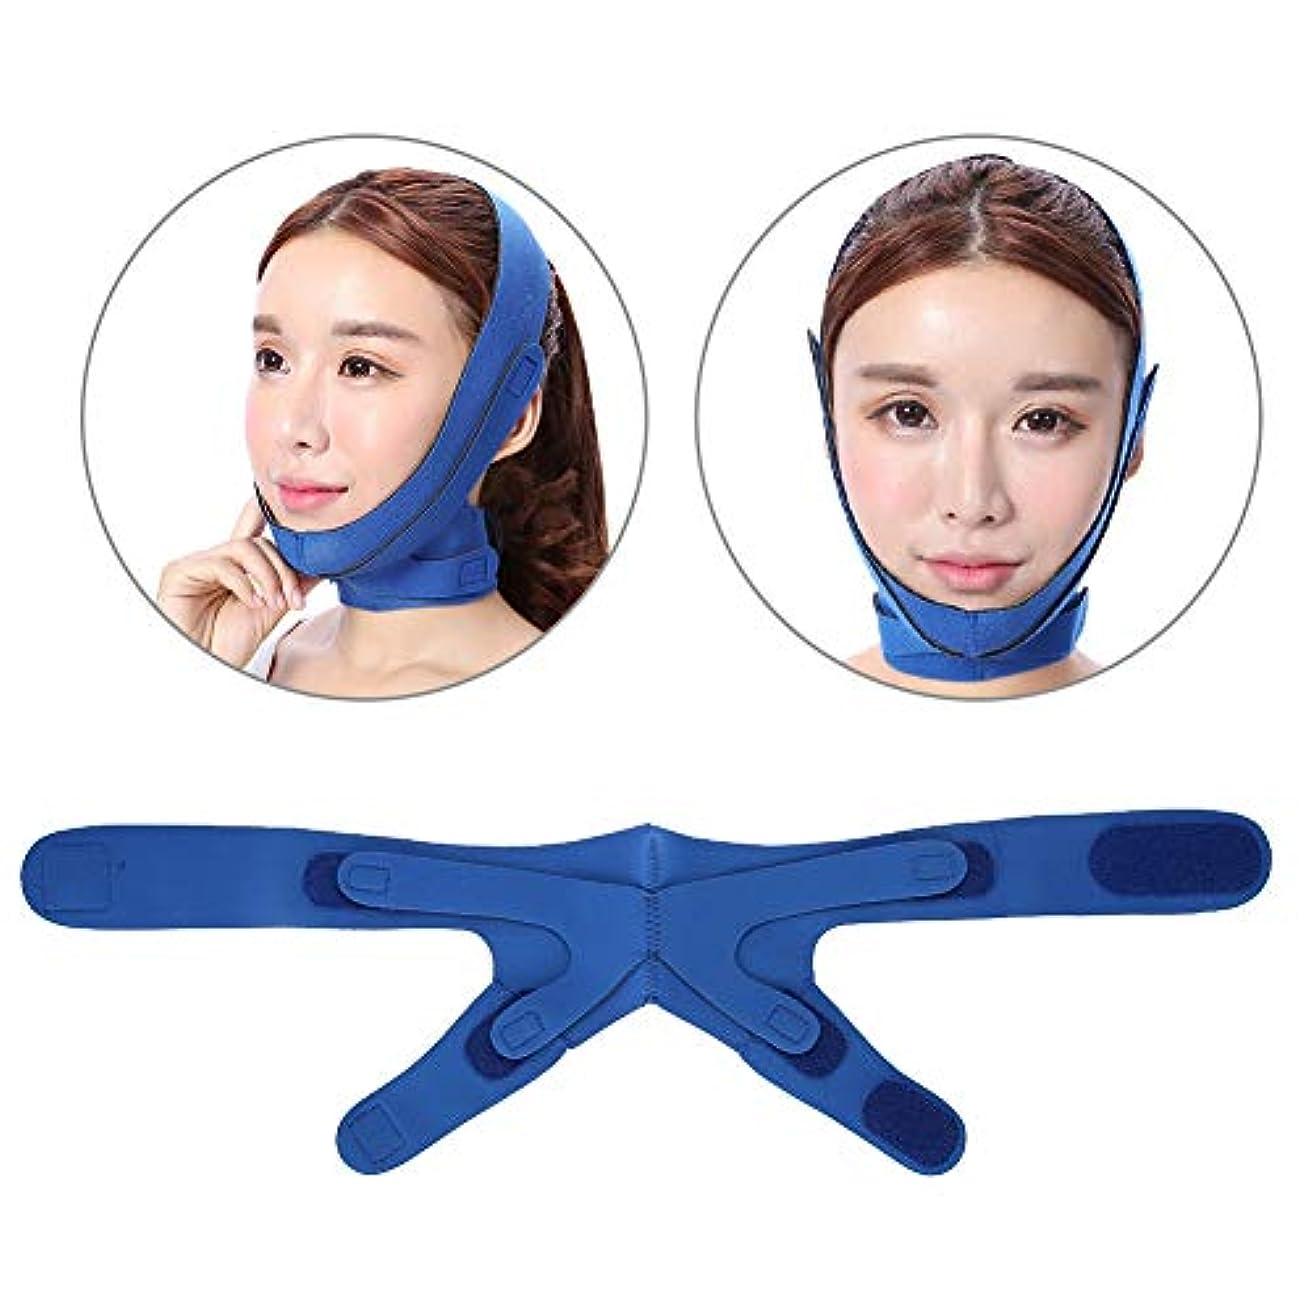 石炭到着骨髄Vラインバンド首の圧縮の表面、反二重あごの 引き締まった肌の革紐の調節可能な引き締めの表面スキンケアの持ち上がる覆いのための持ち上がる表面ベルトの顔の細くのあごのマスク